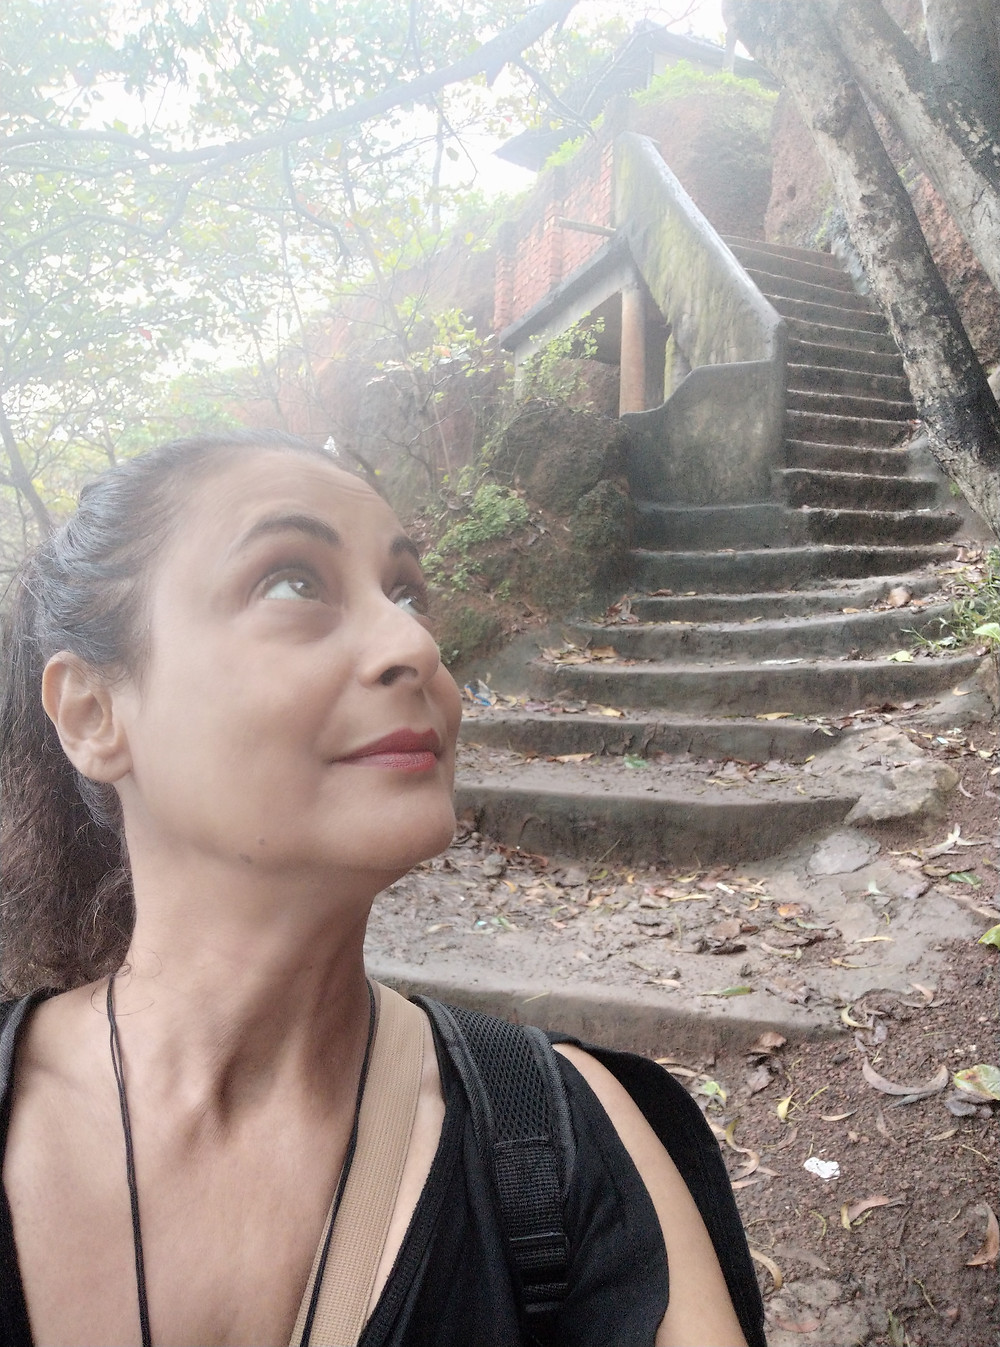 וורקלה מדרגות מהצוק אל חוף הים